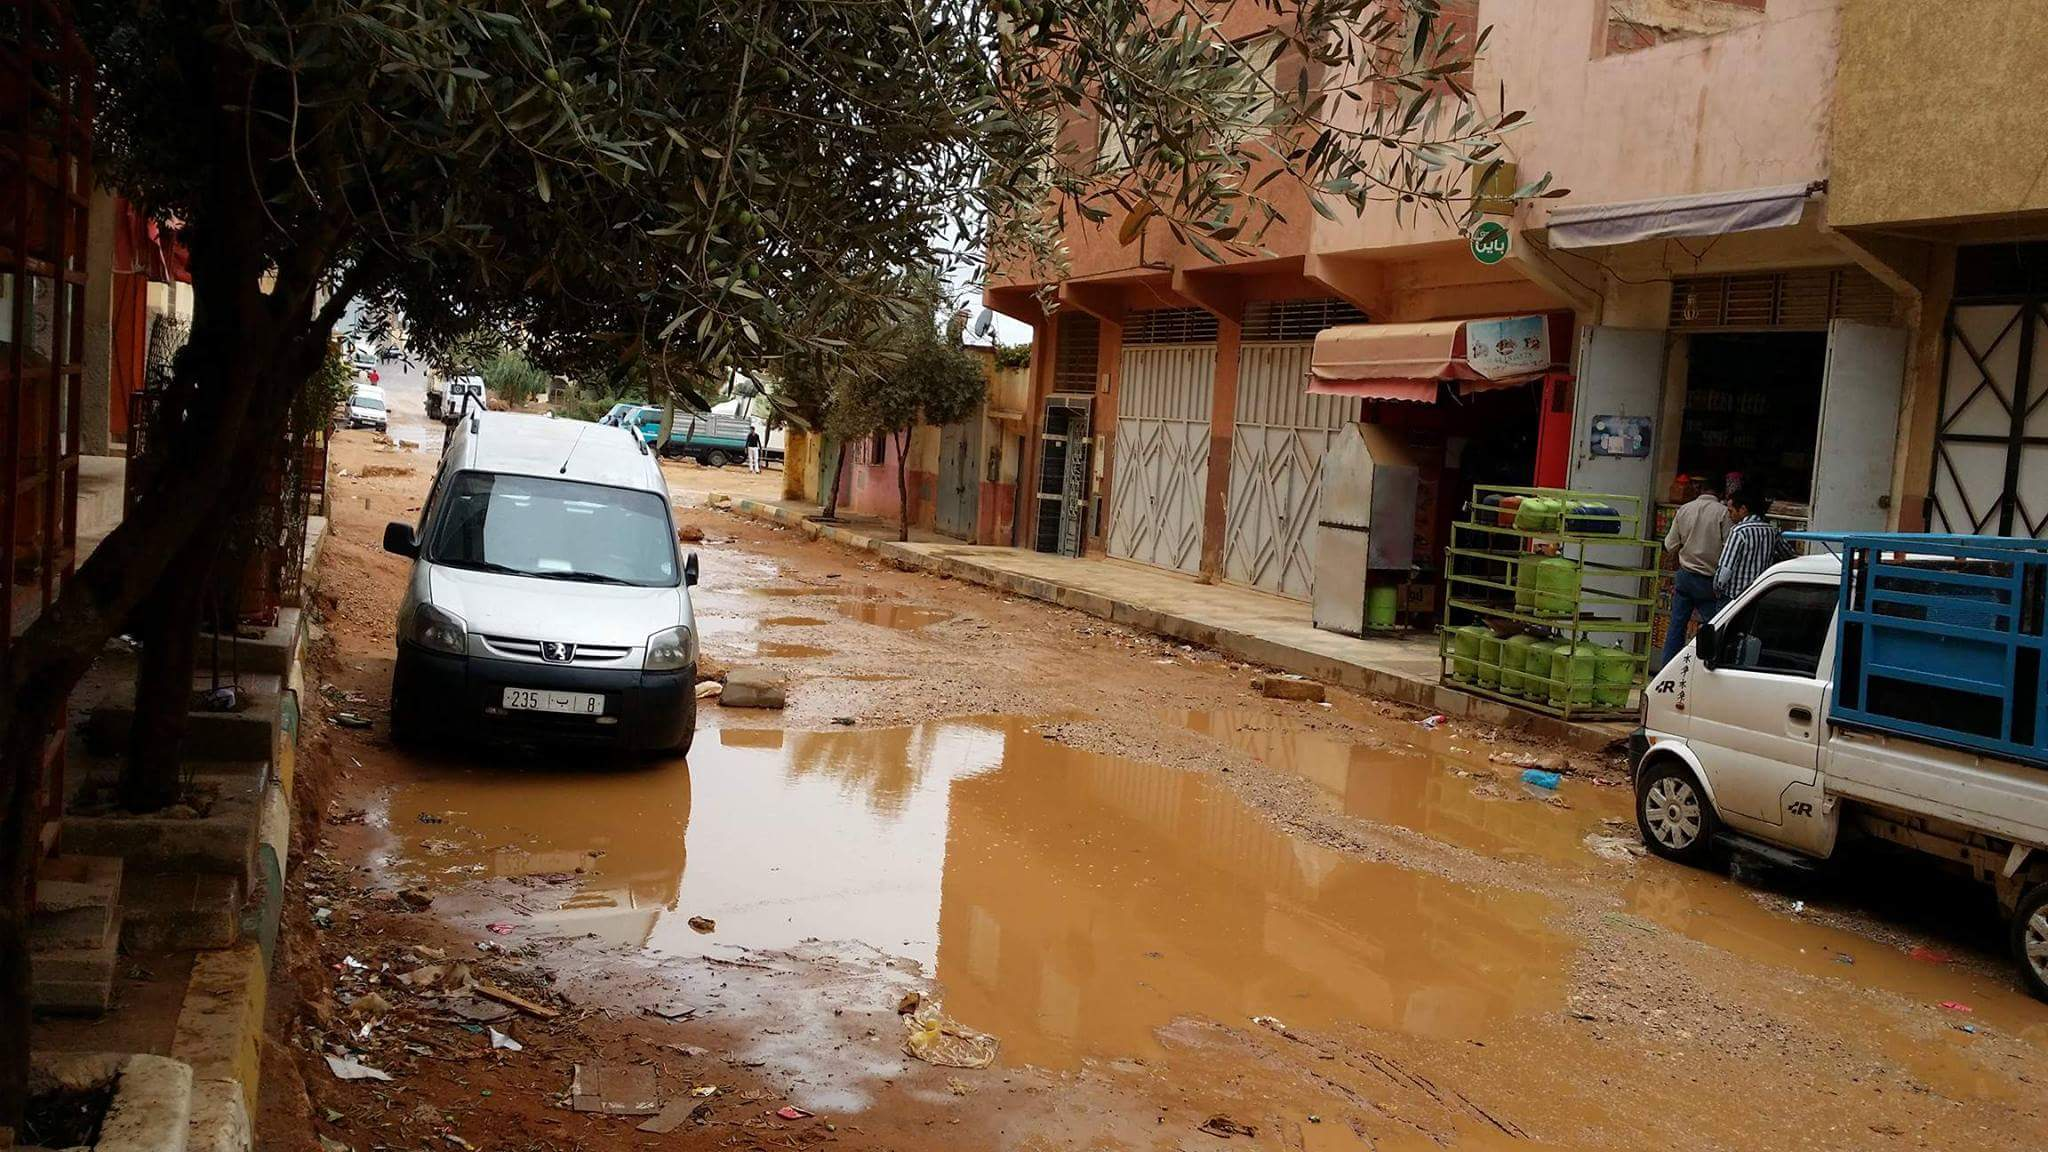 دقائق من الأمطار تفضح هشاشة البنية التحتية الكارثية بطانطان